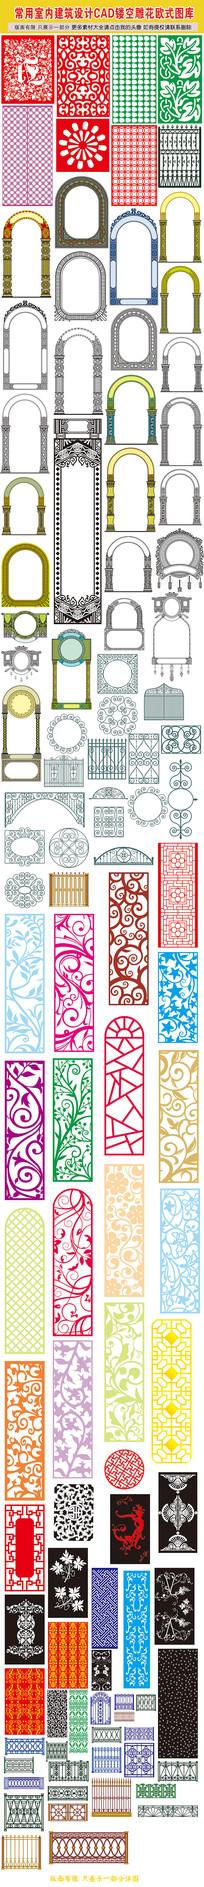 中式欧式窗花隔断镂空图案雕